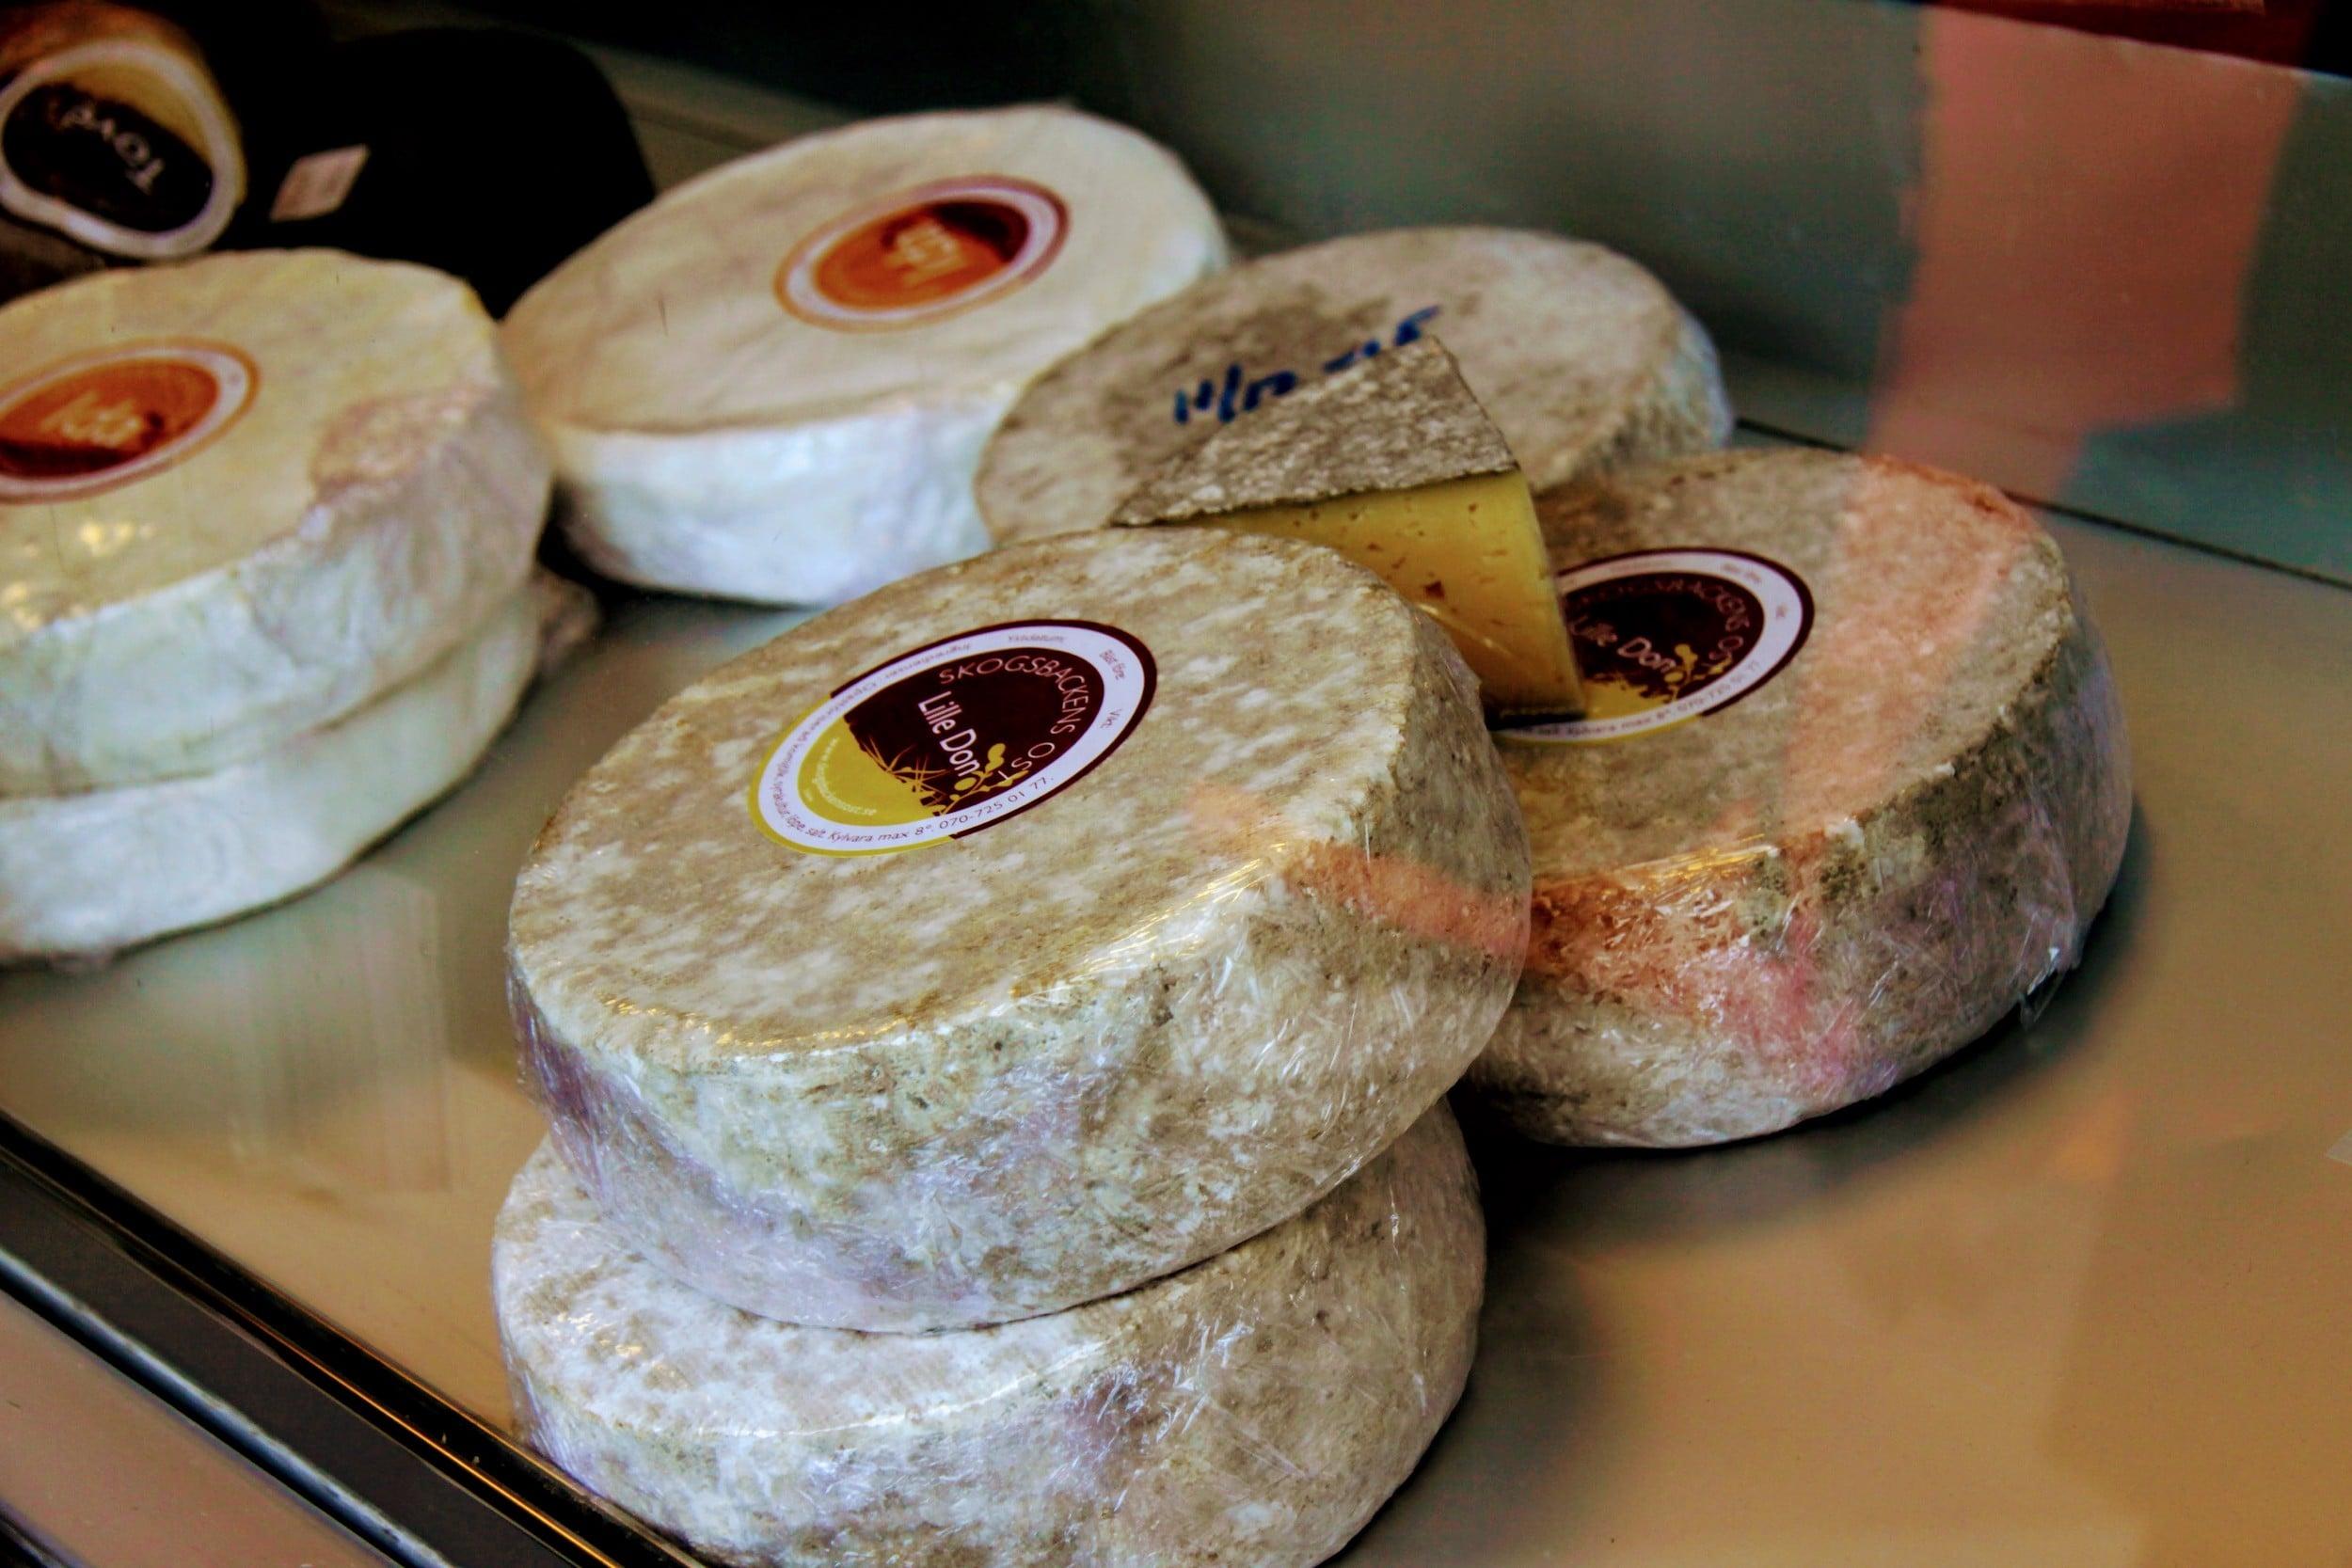 Skogsbacken cheese